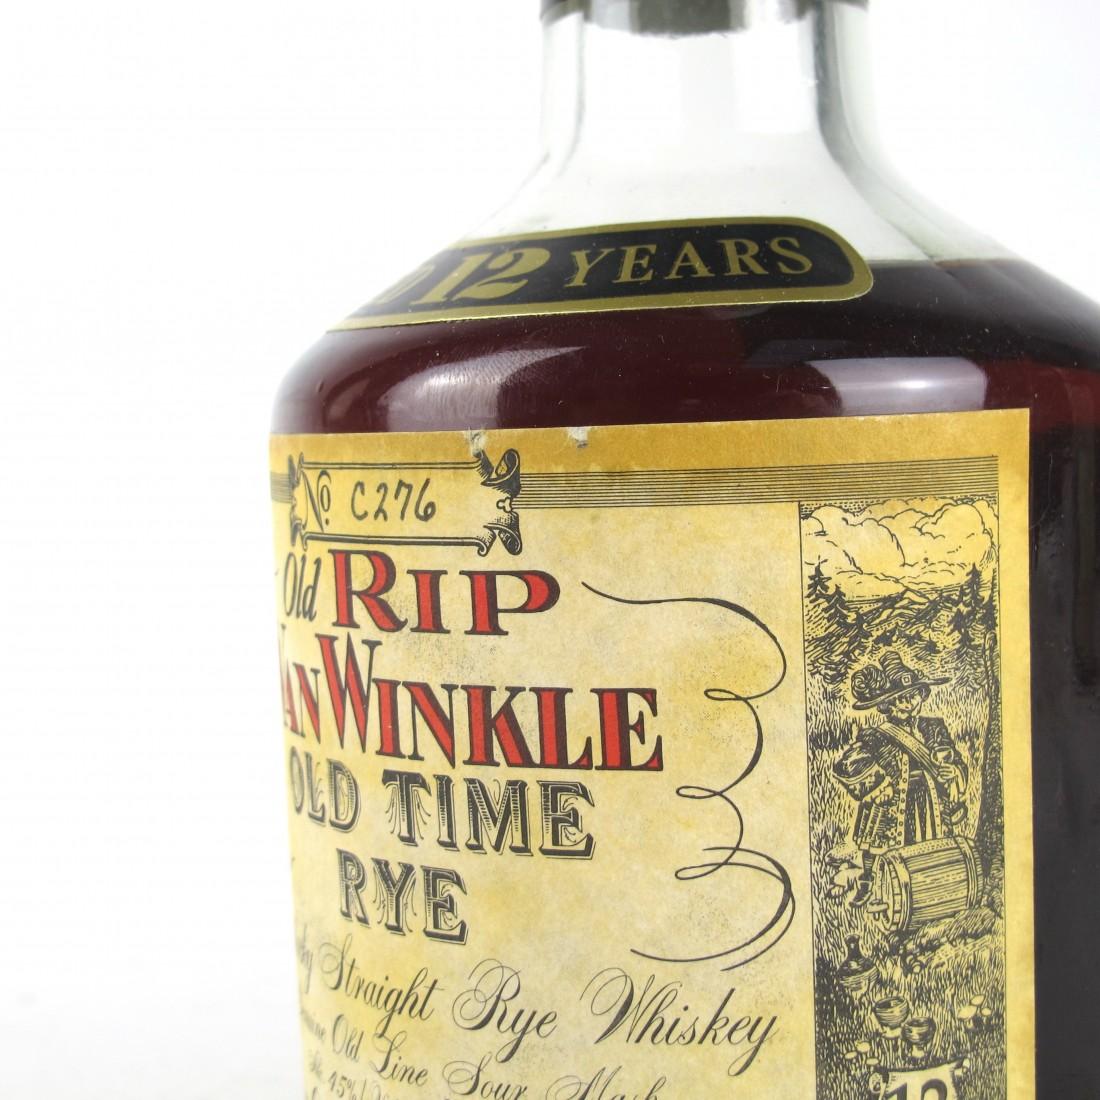 Old Rip Van Winkle 12 Year Old / Old Time Rye